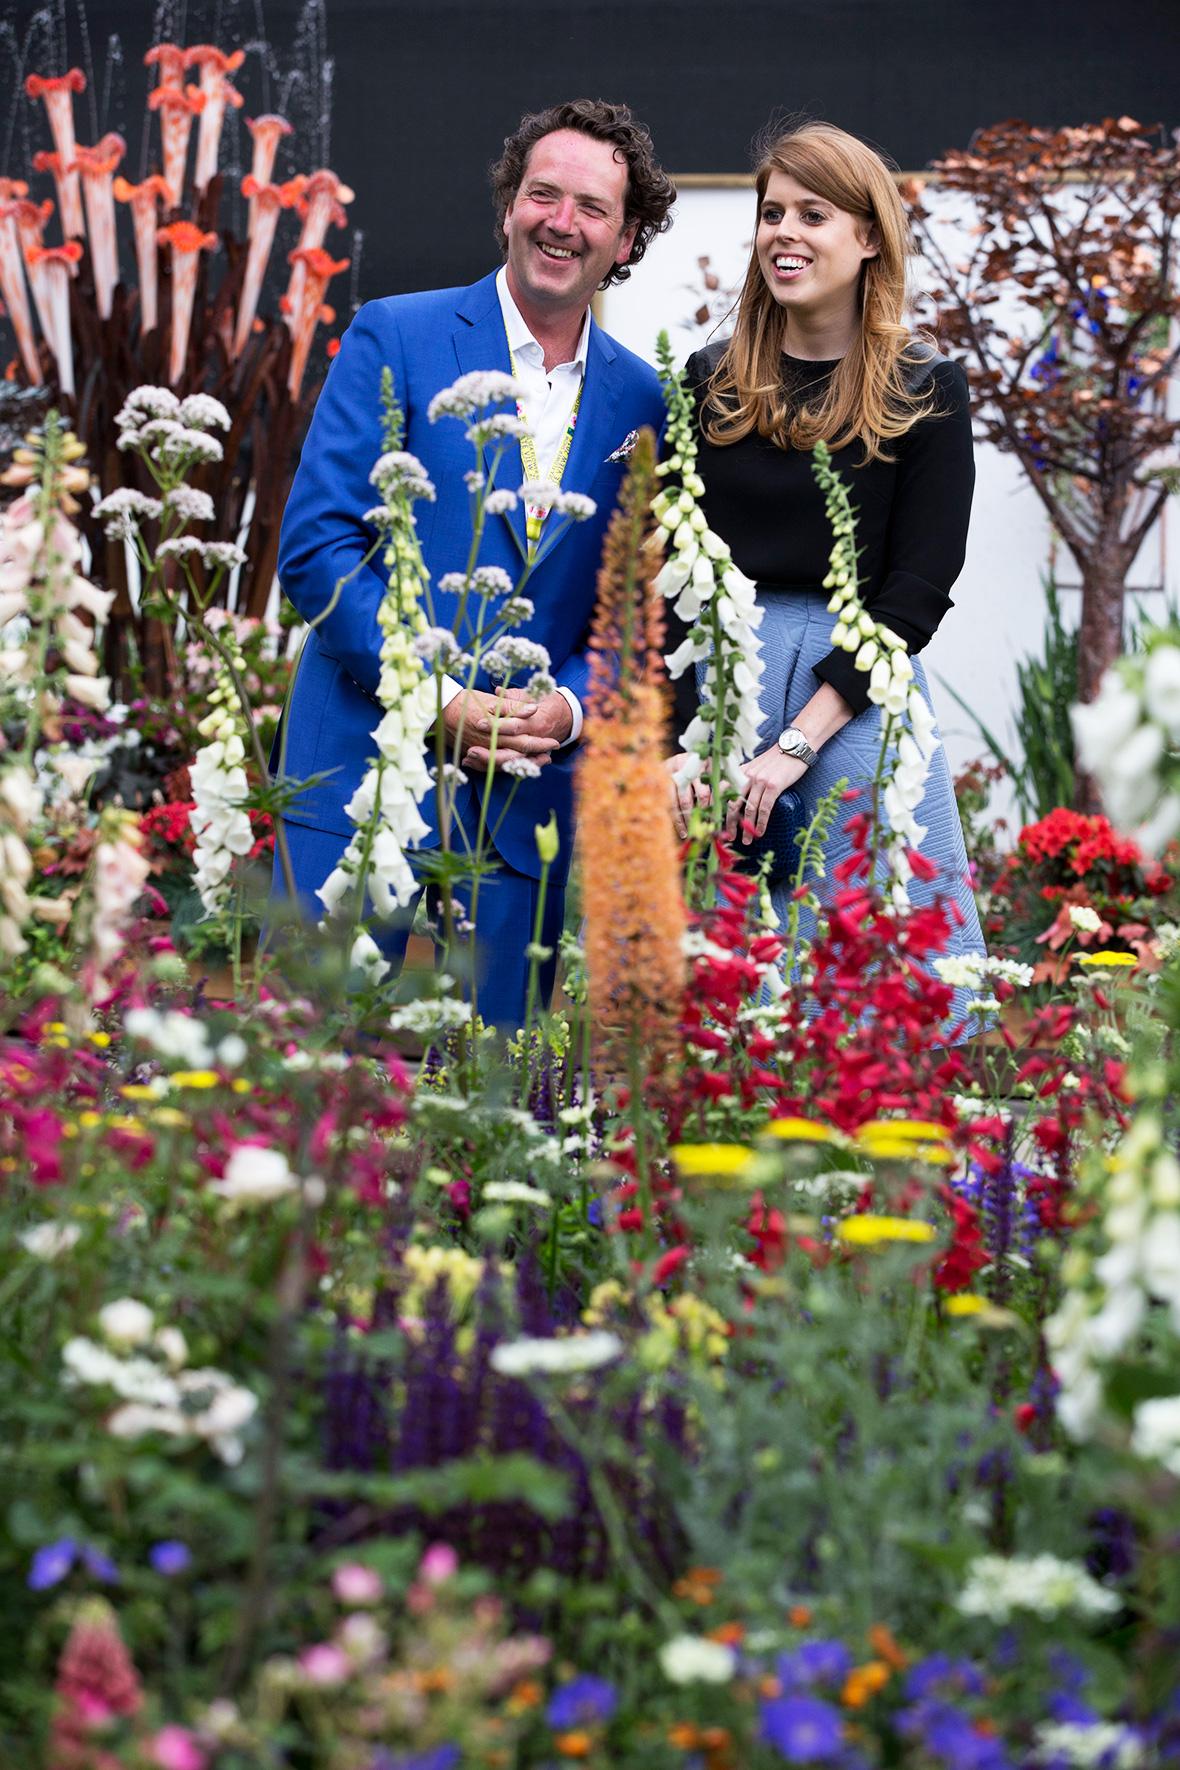 Chelsea Flower Show 2016 Royals